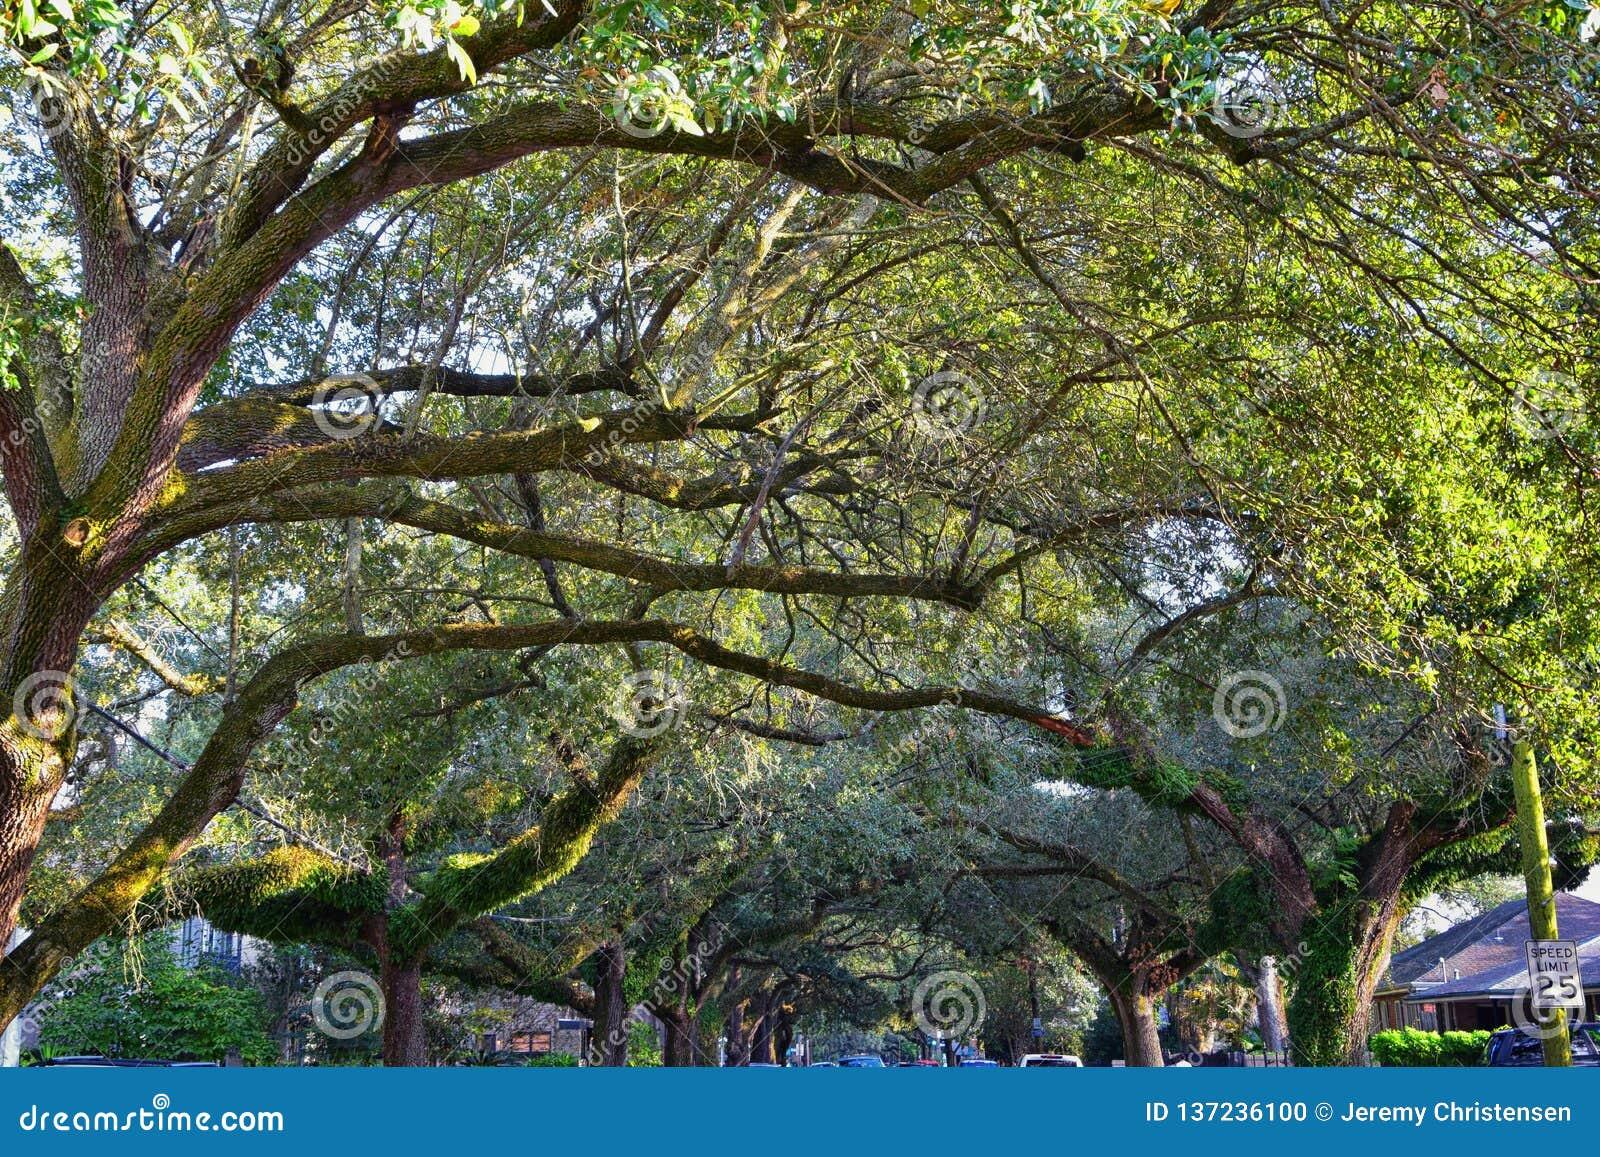 Vistas de los árboles y de los aspectos únicos de la naturaleza que rodean New Orleans, incluyendo piscinas de reflejo en los cem